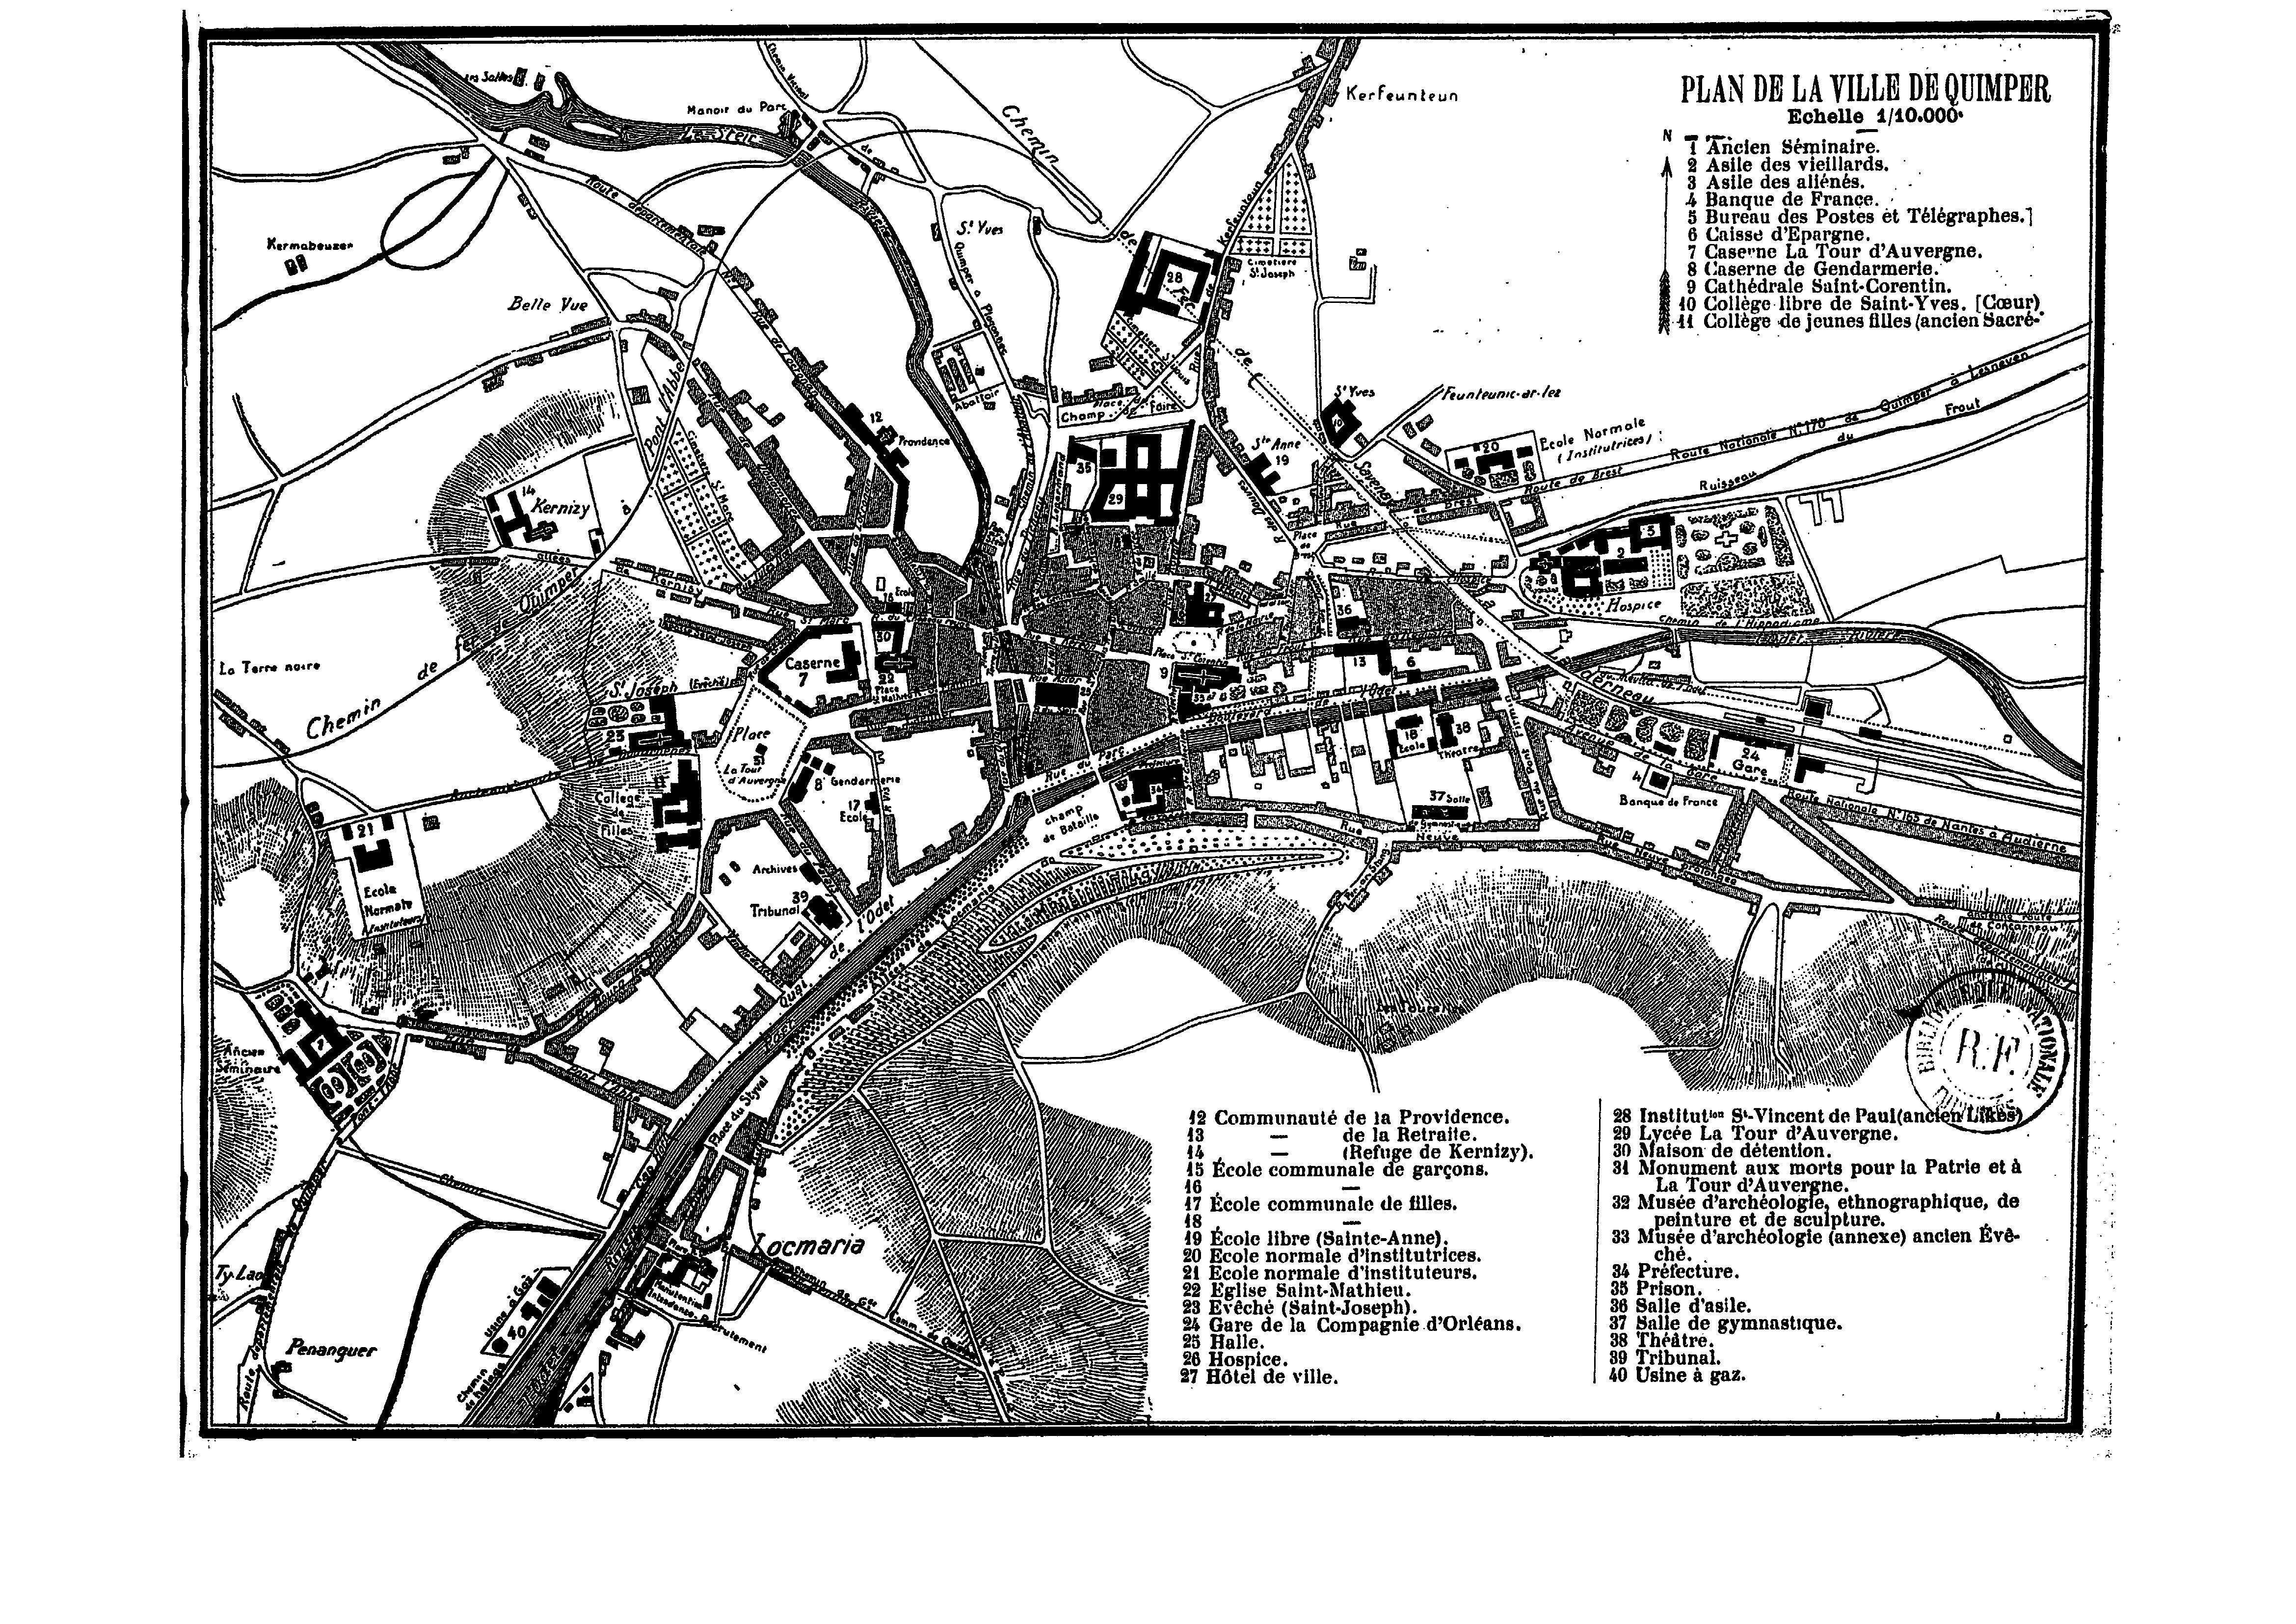 Fichierplan de la ville de quimper 1910 jpg